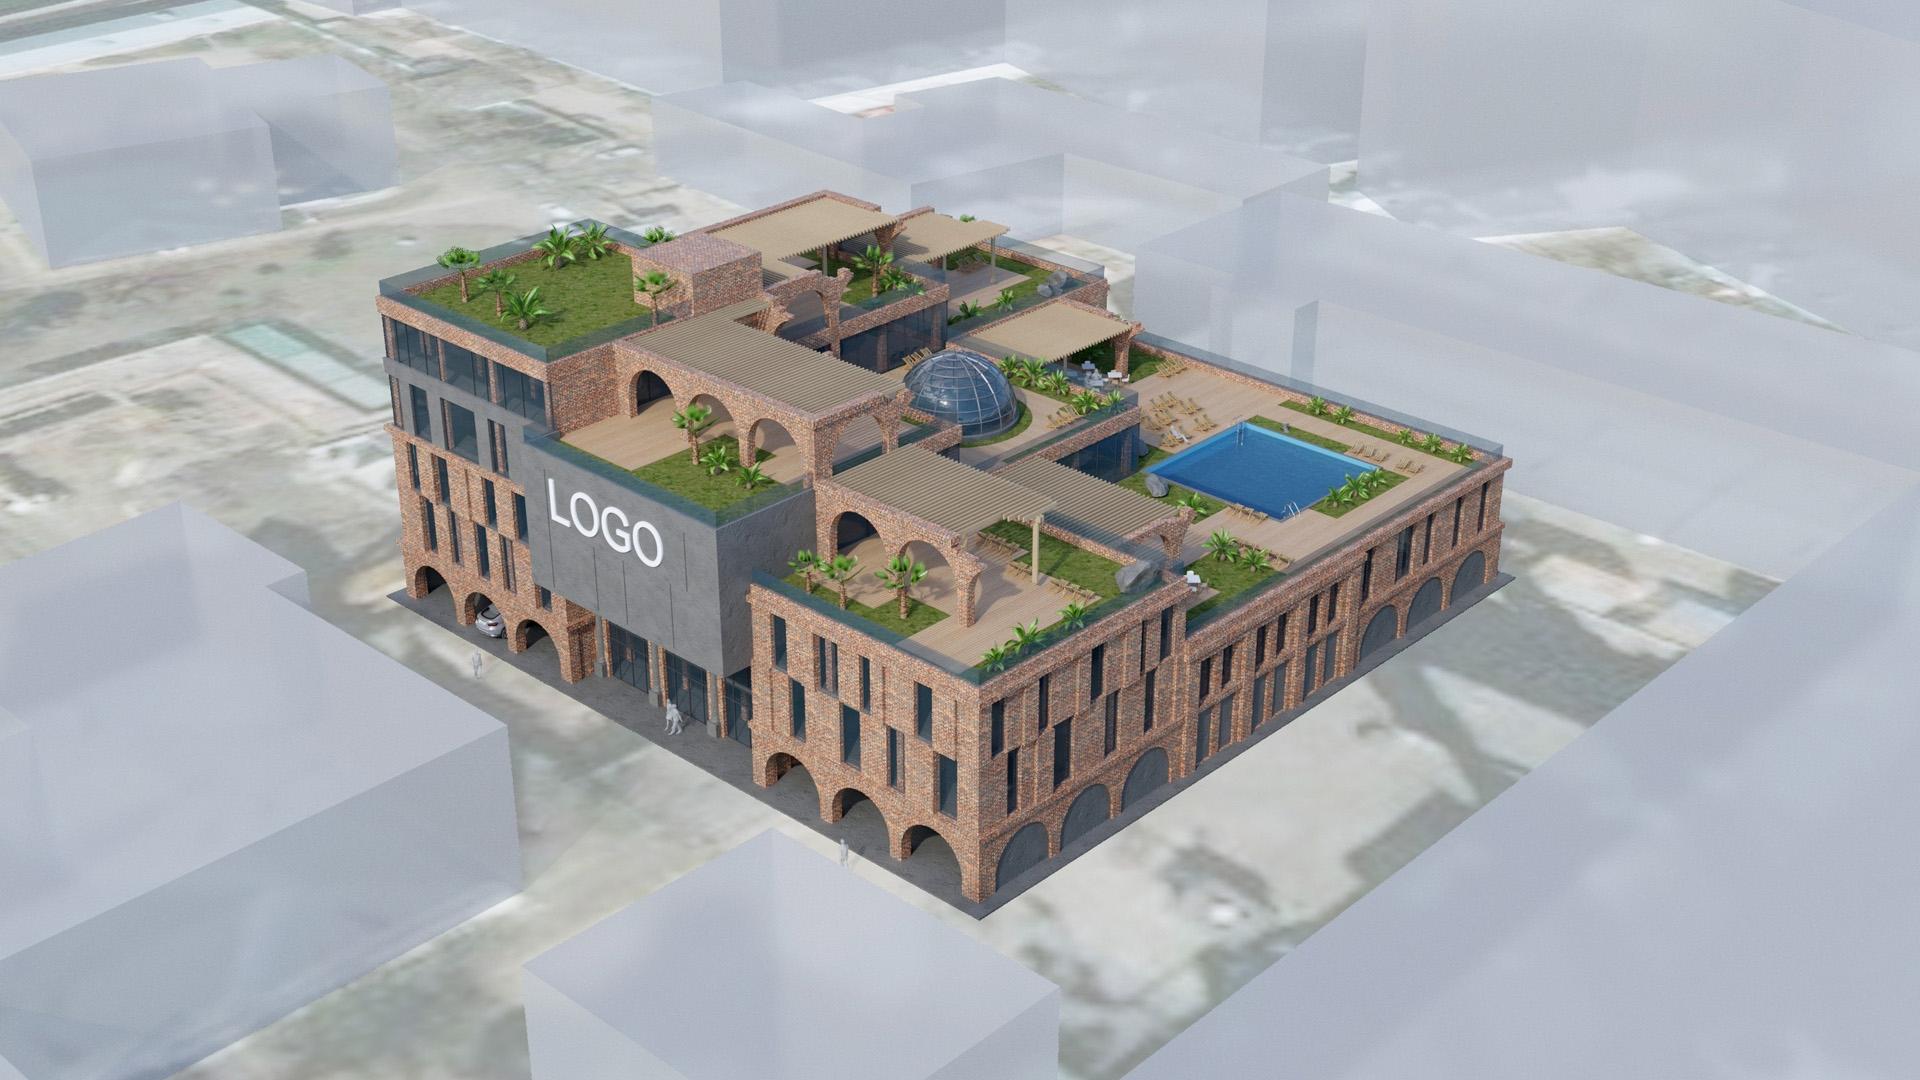 Изображение для проекта Концепт бизнес центра в промзоне 2102